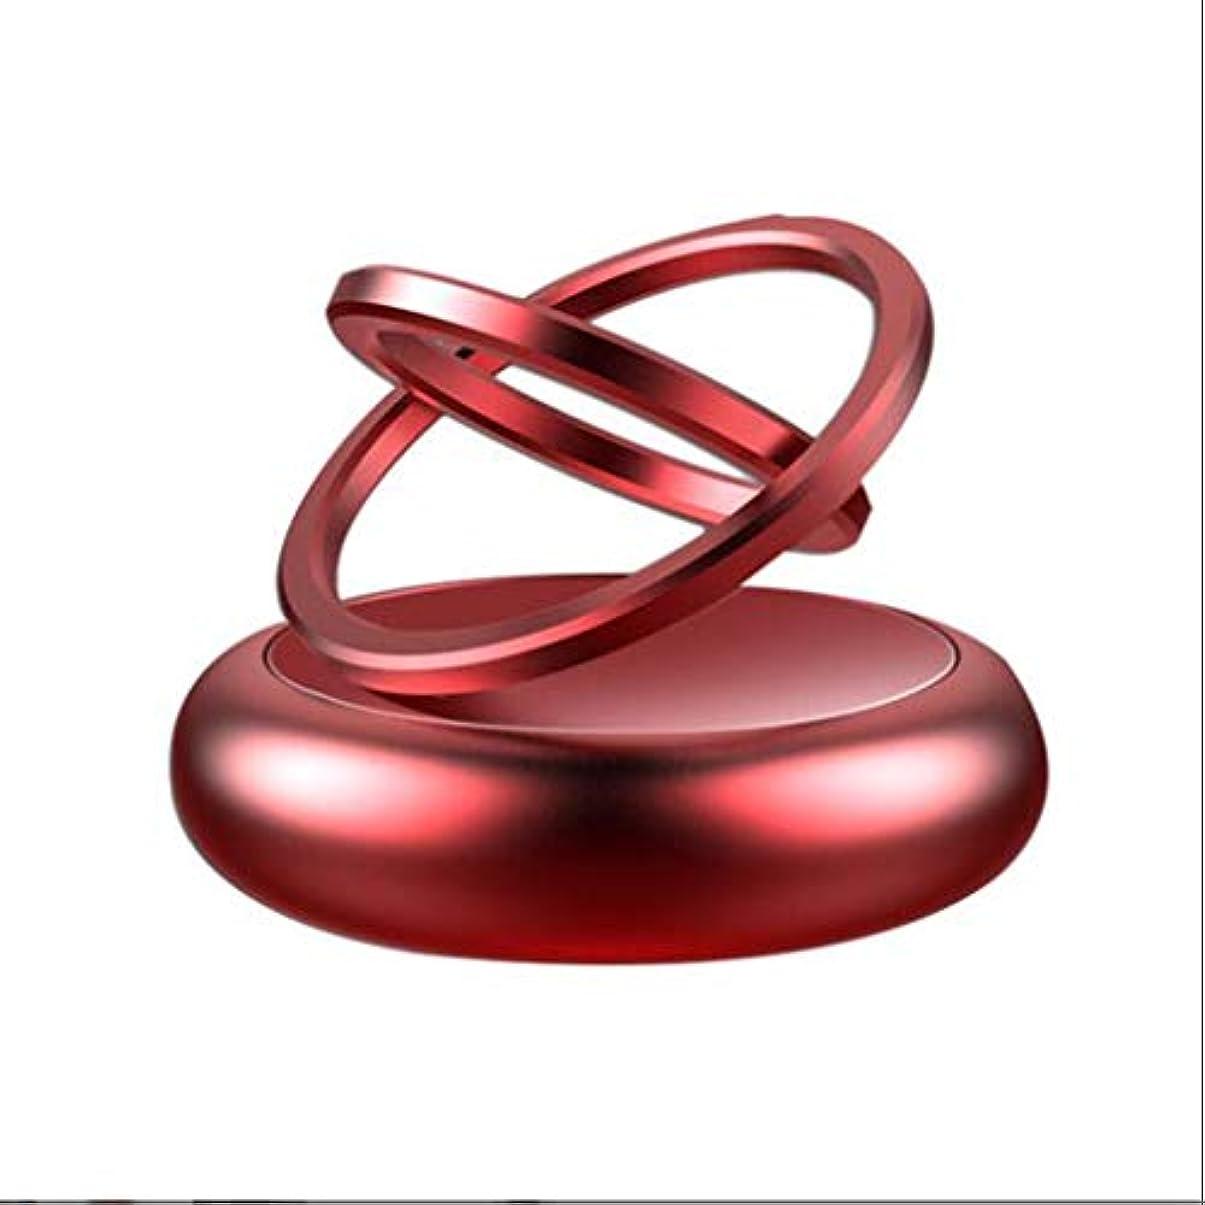 ベンチャーマニアック降伏アロマディフューザーエッセンシャルオイルカーディフューザーオートモーティブダブルループサスペンション回転式アロマテラピーライトフレグランスソリッドバーム(2セット),赤